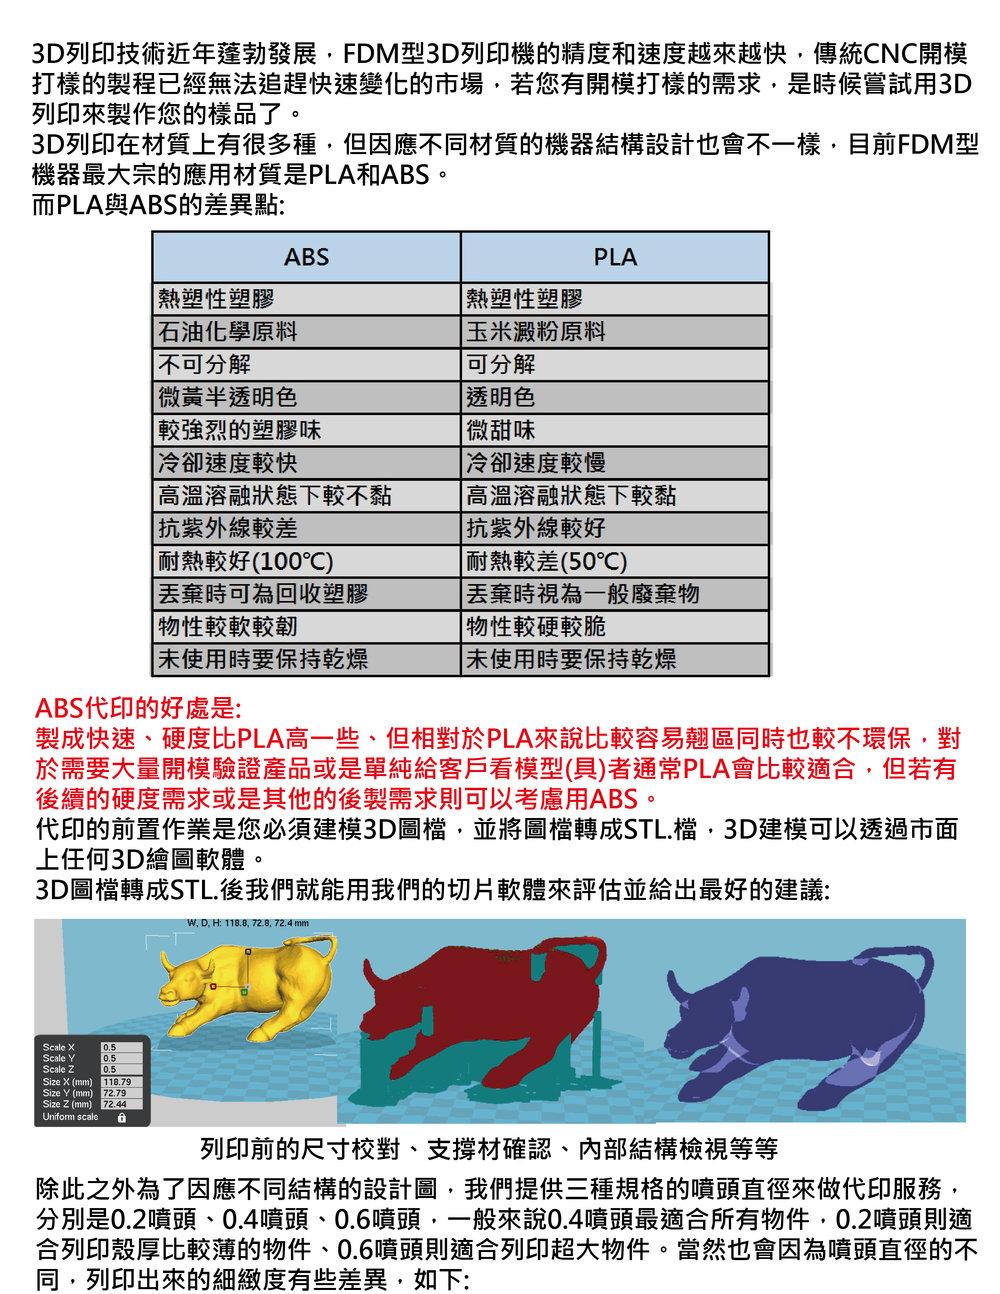 代印ABS全頁面1 (1)-01.jpg